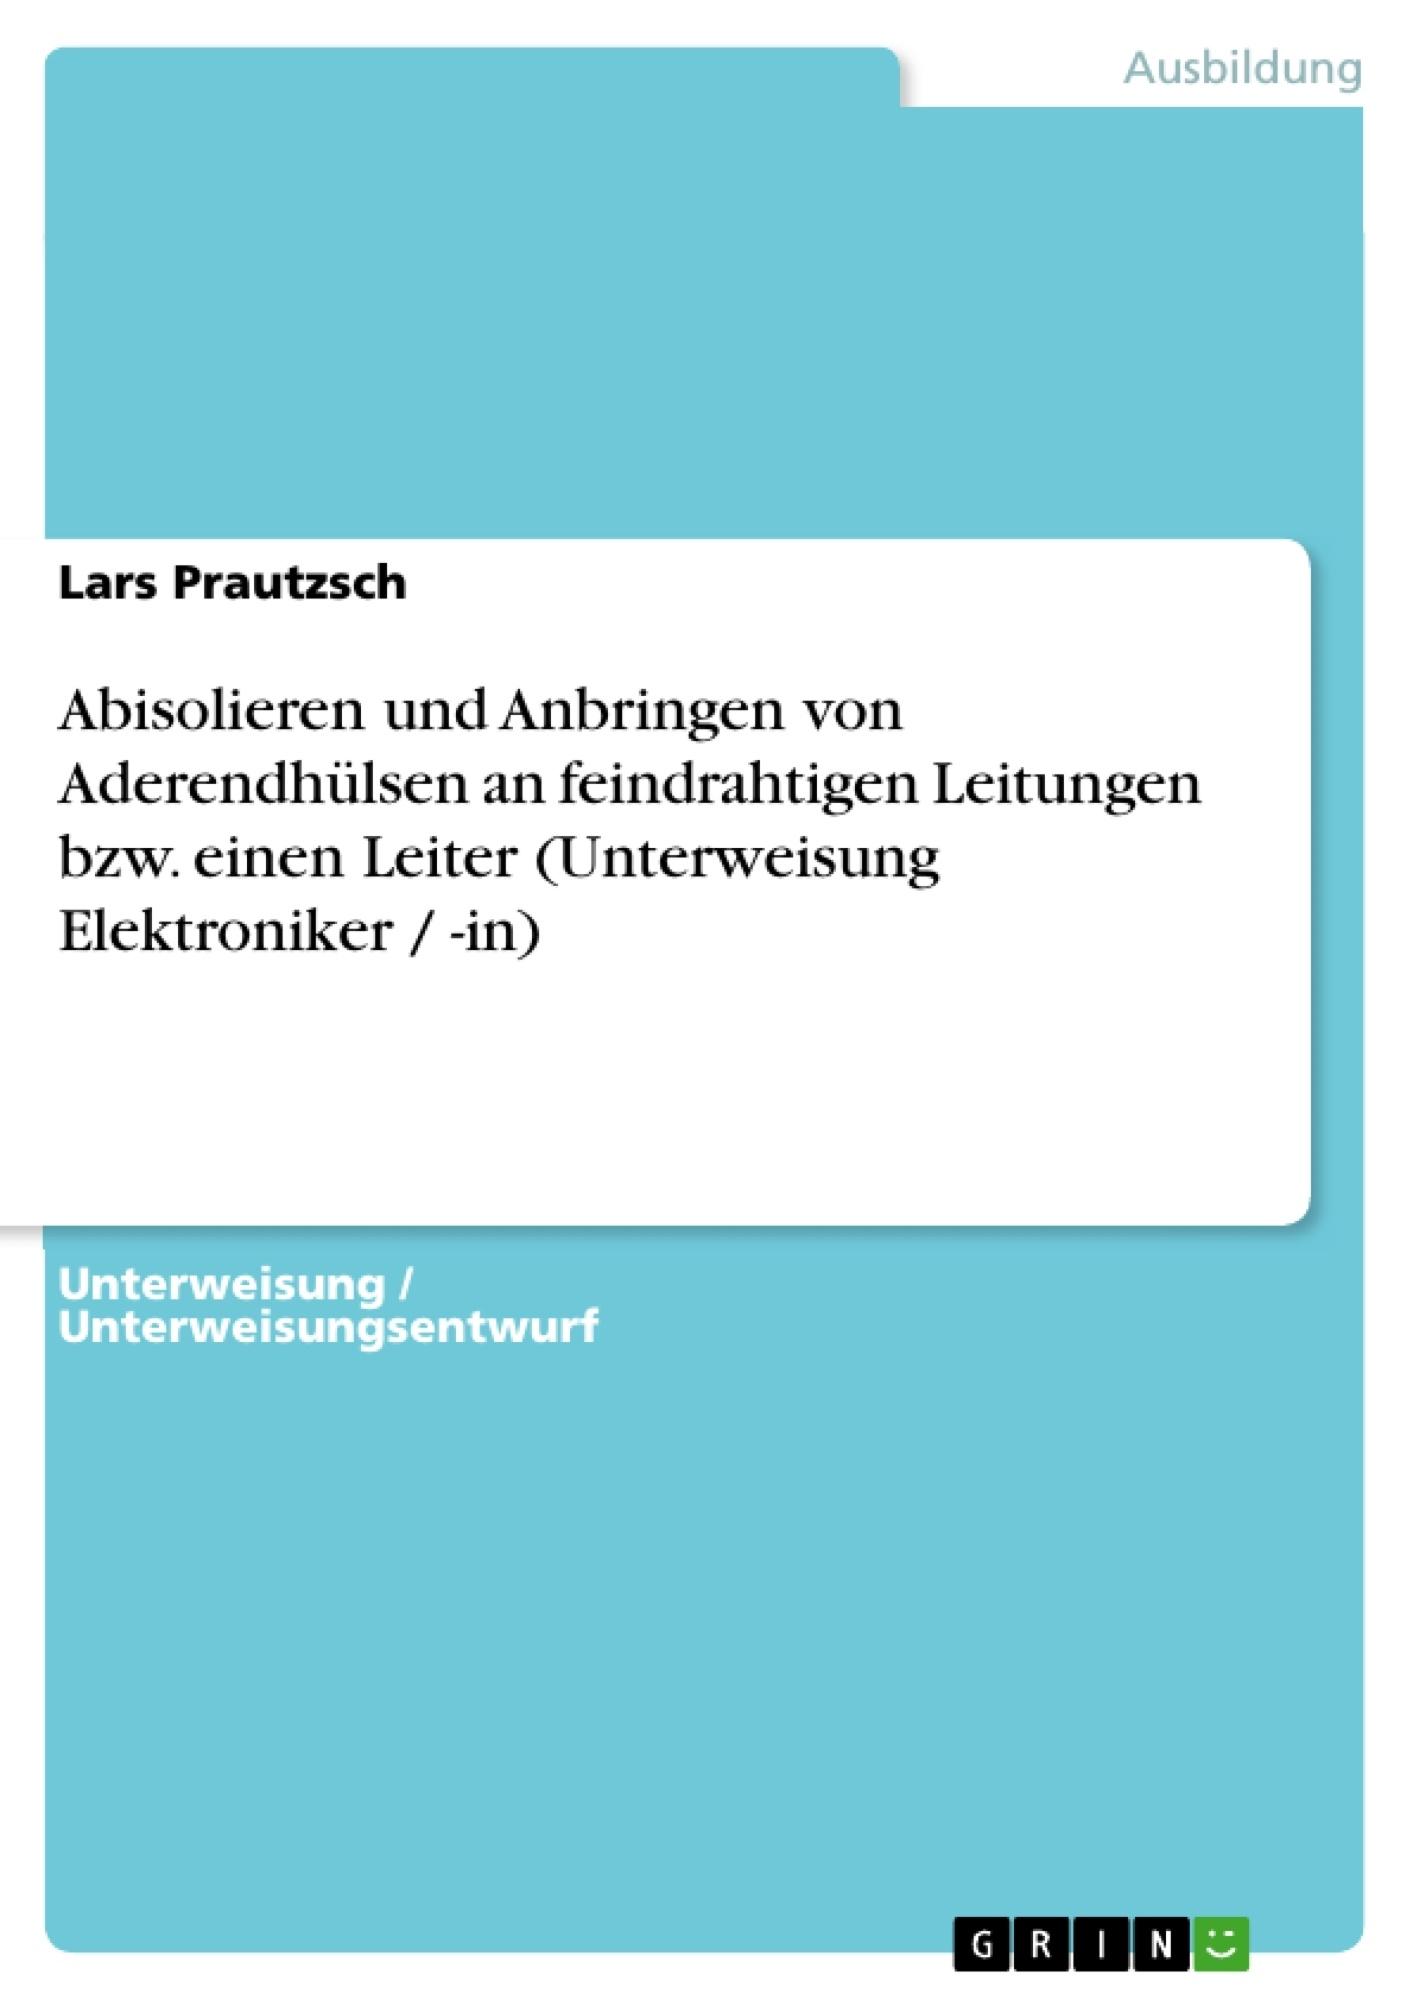 Titel: Abisolieren und Anbringen von Aderendhülsen an feindrahtigen Leitungen bzw. einen Leiter (Unterweisung Elektroniker / -in)